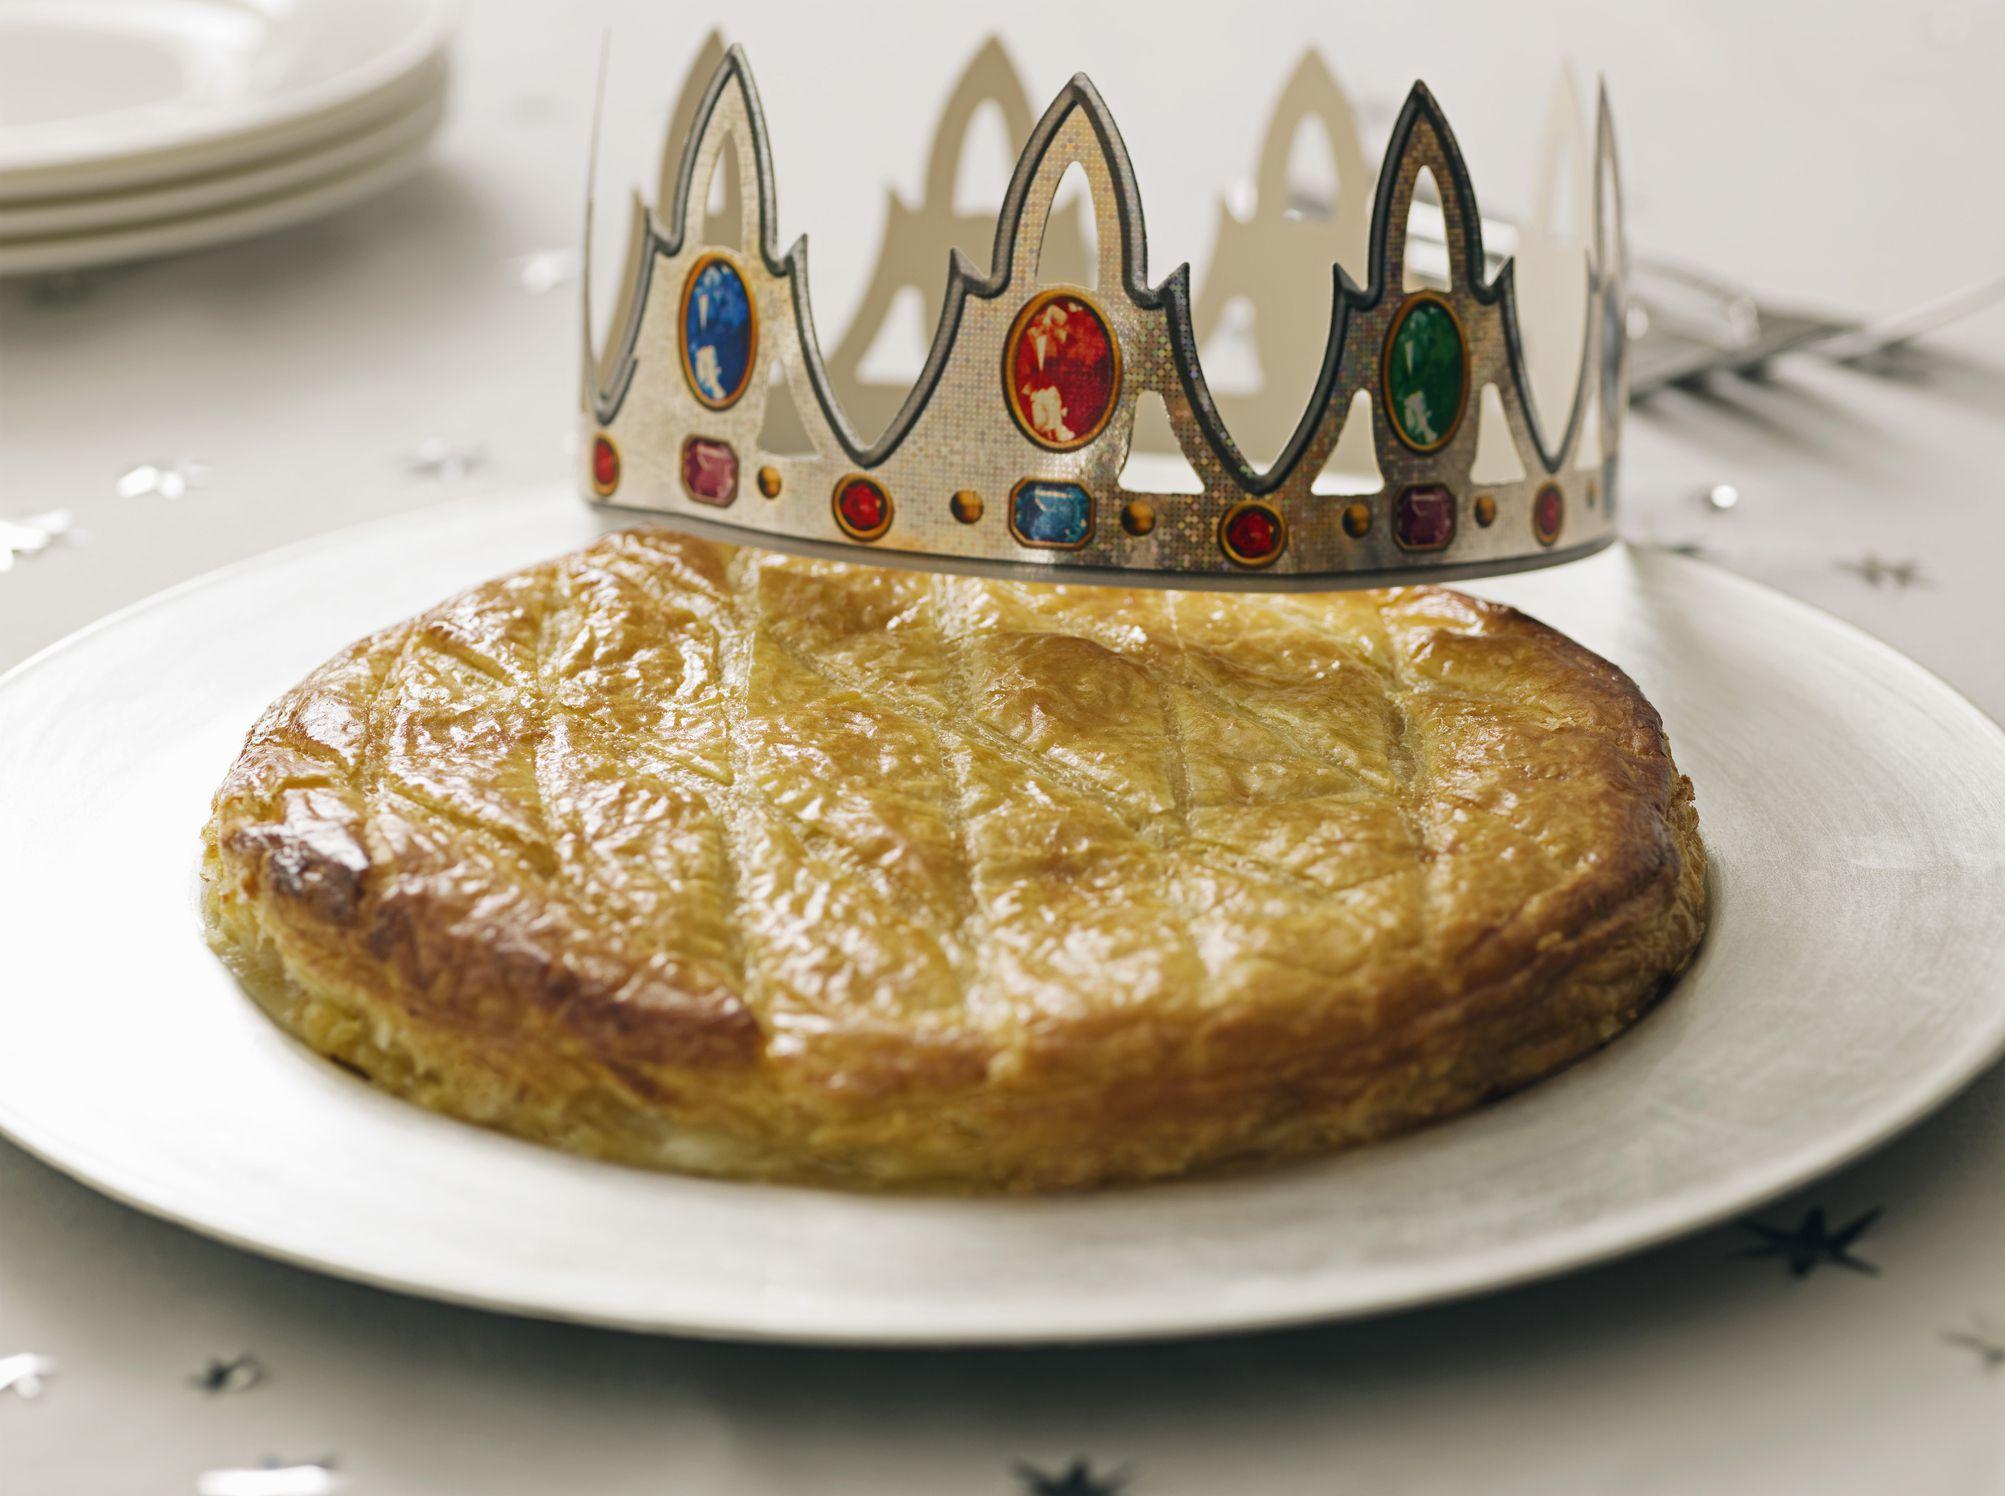 Classic french galette des rois cake recipe - Decor galette des rois ...